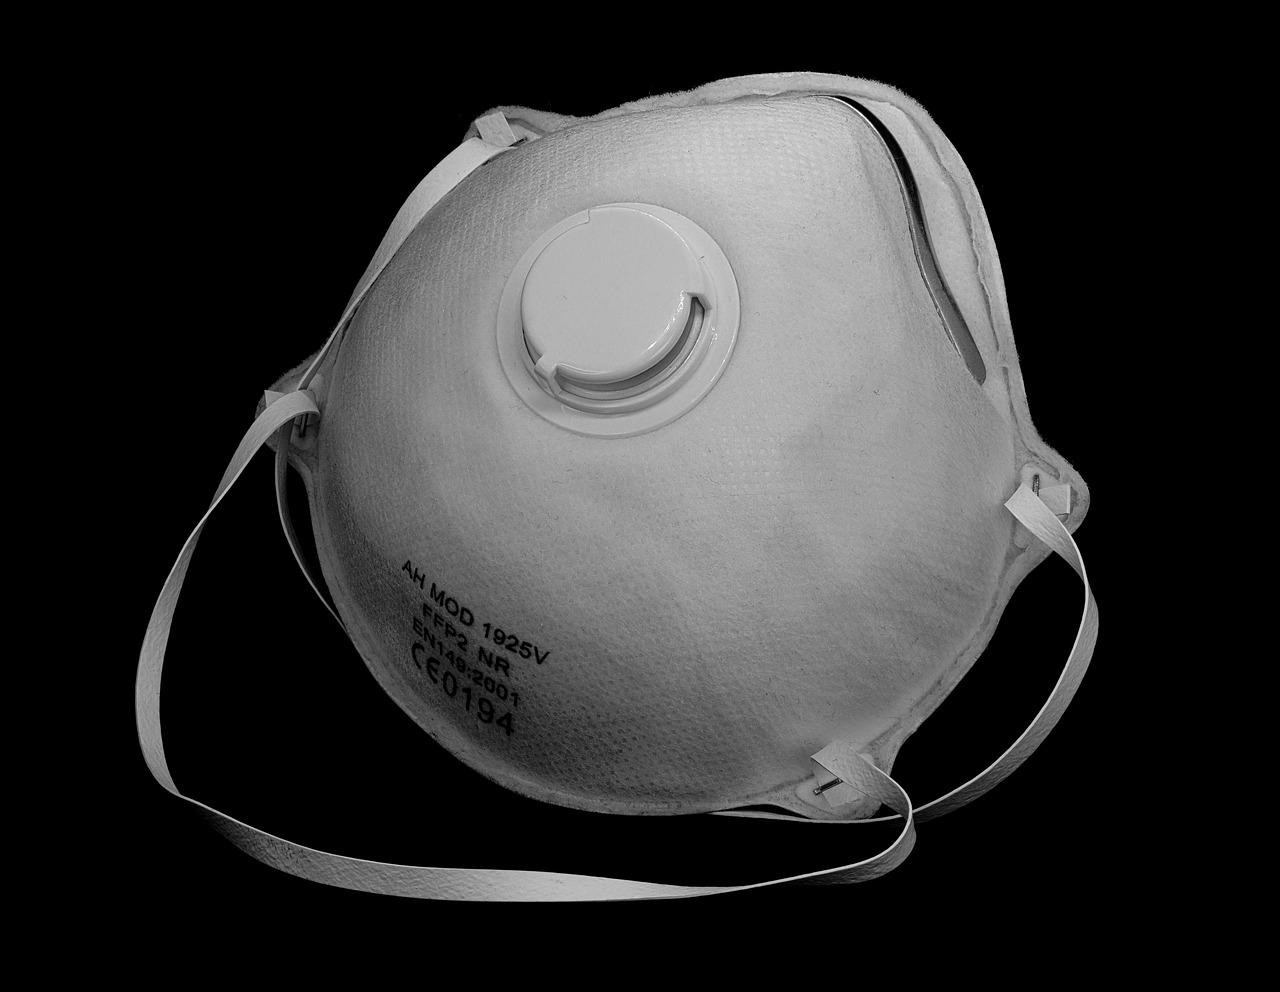 Wer sollte ein Atemschutzgerät tragen?